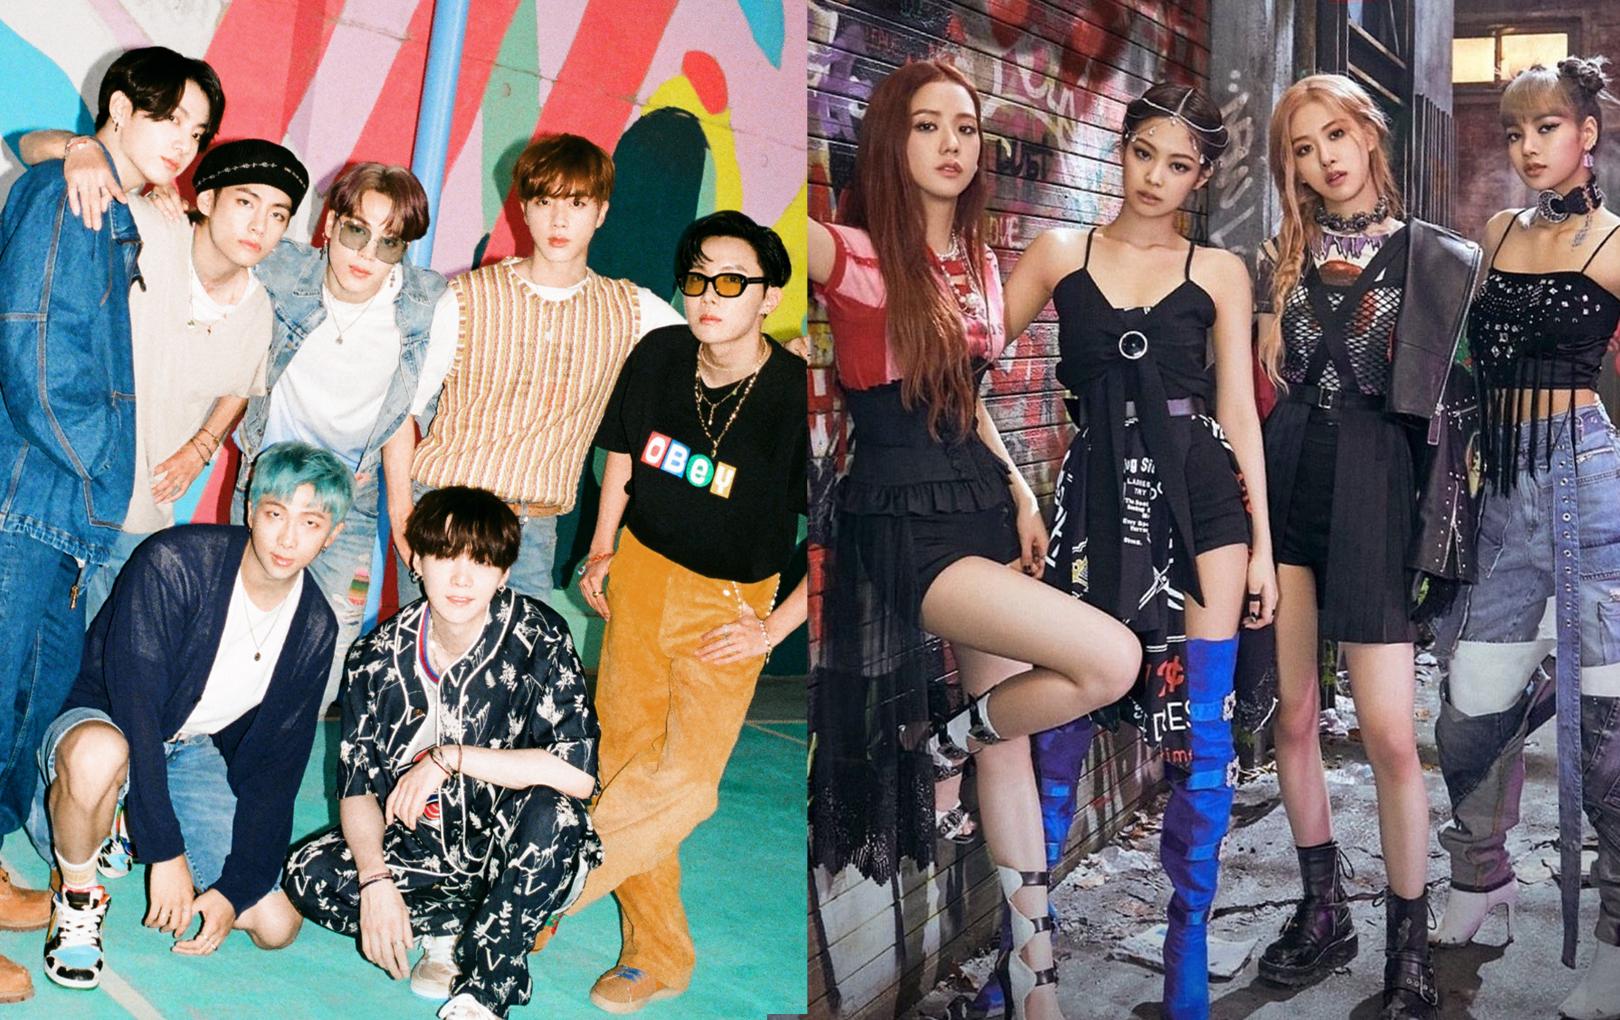 Danh sách đề cử Billboard Music Awards 2020: BTS có tên ở 2 đề cử, BLACKPINK mất hút